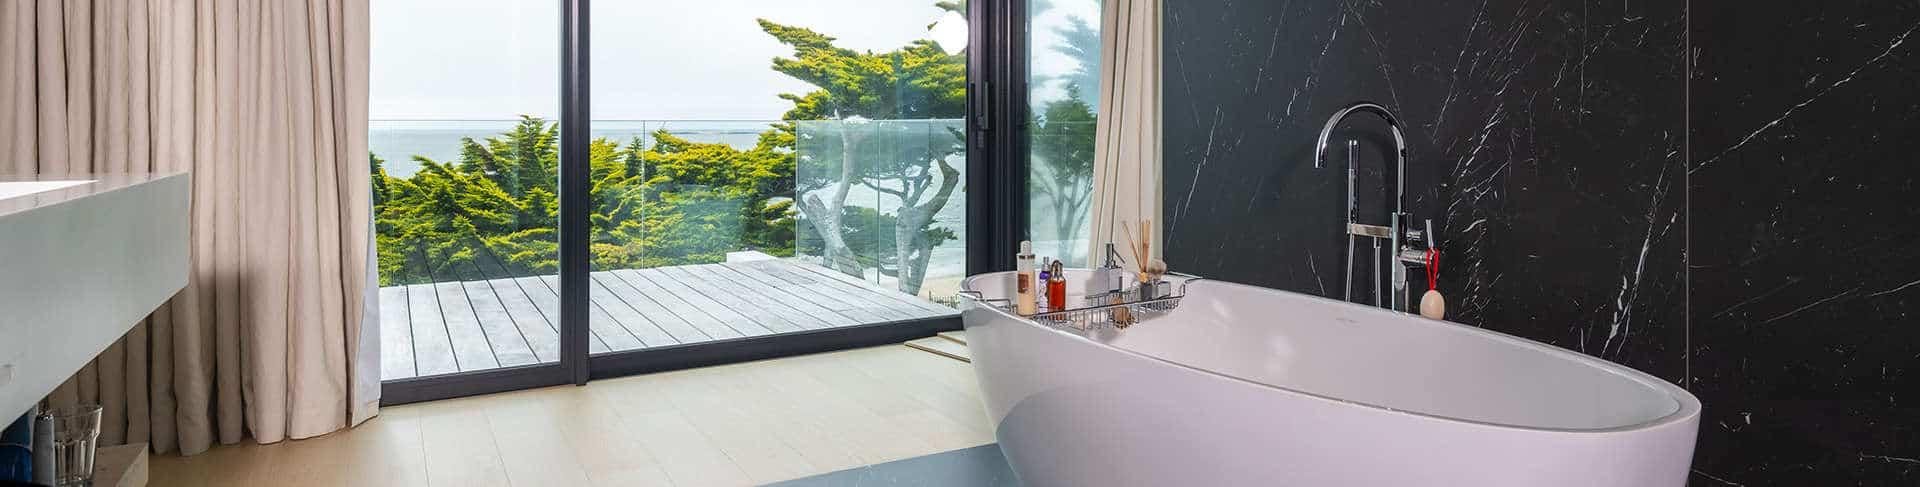 alviva-traitement-eau-habitat-maison-baignoire